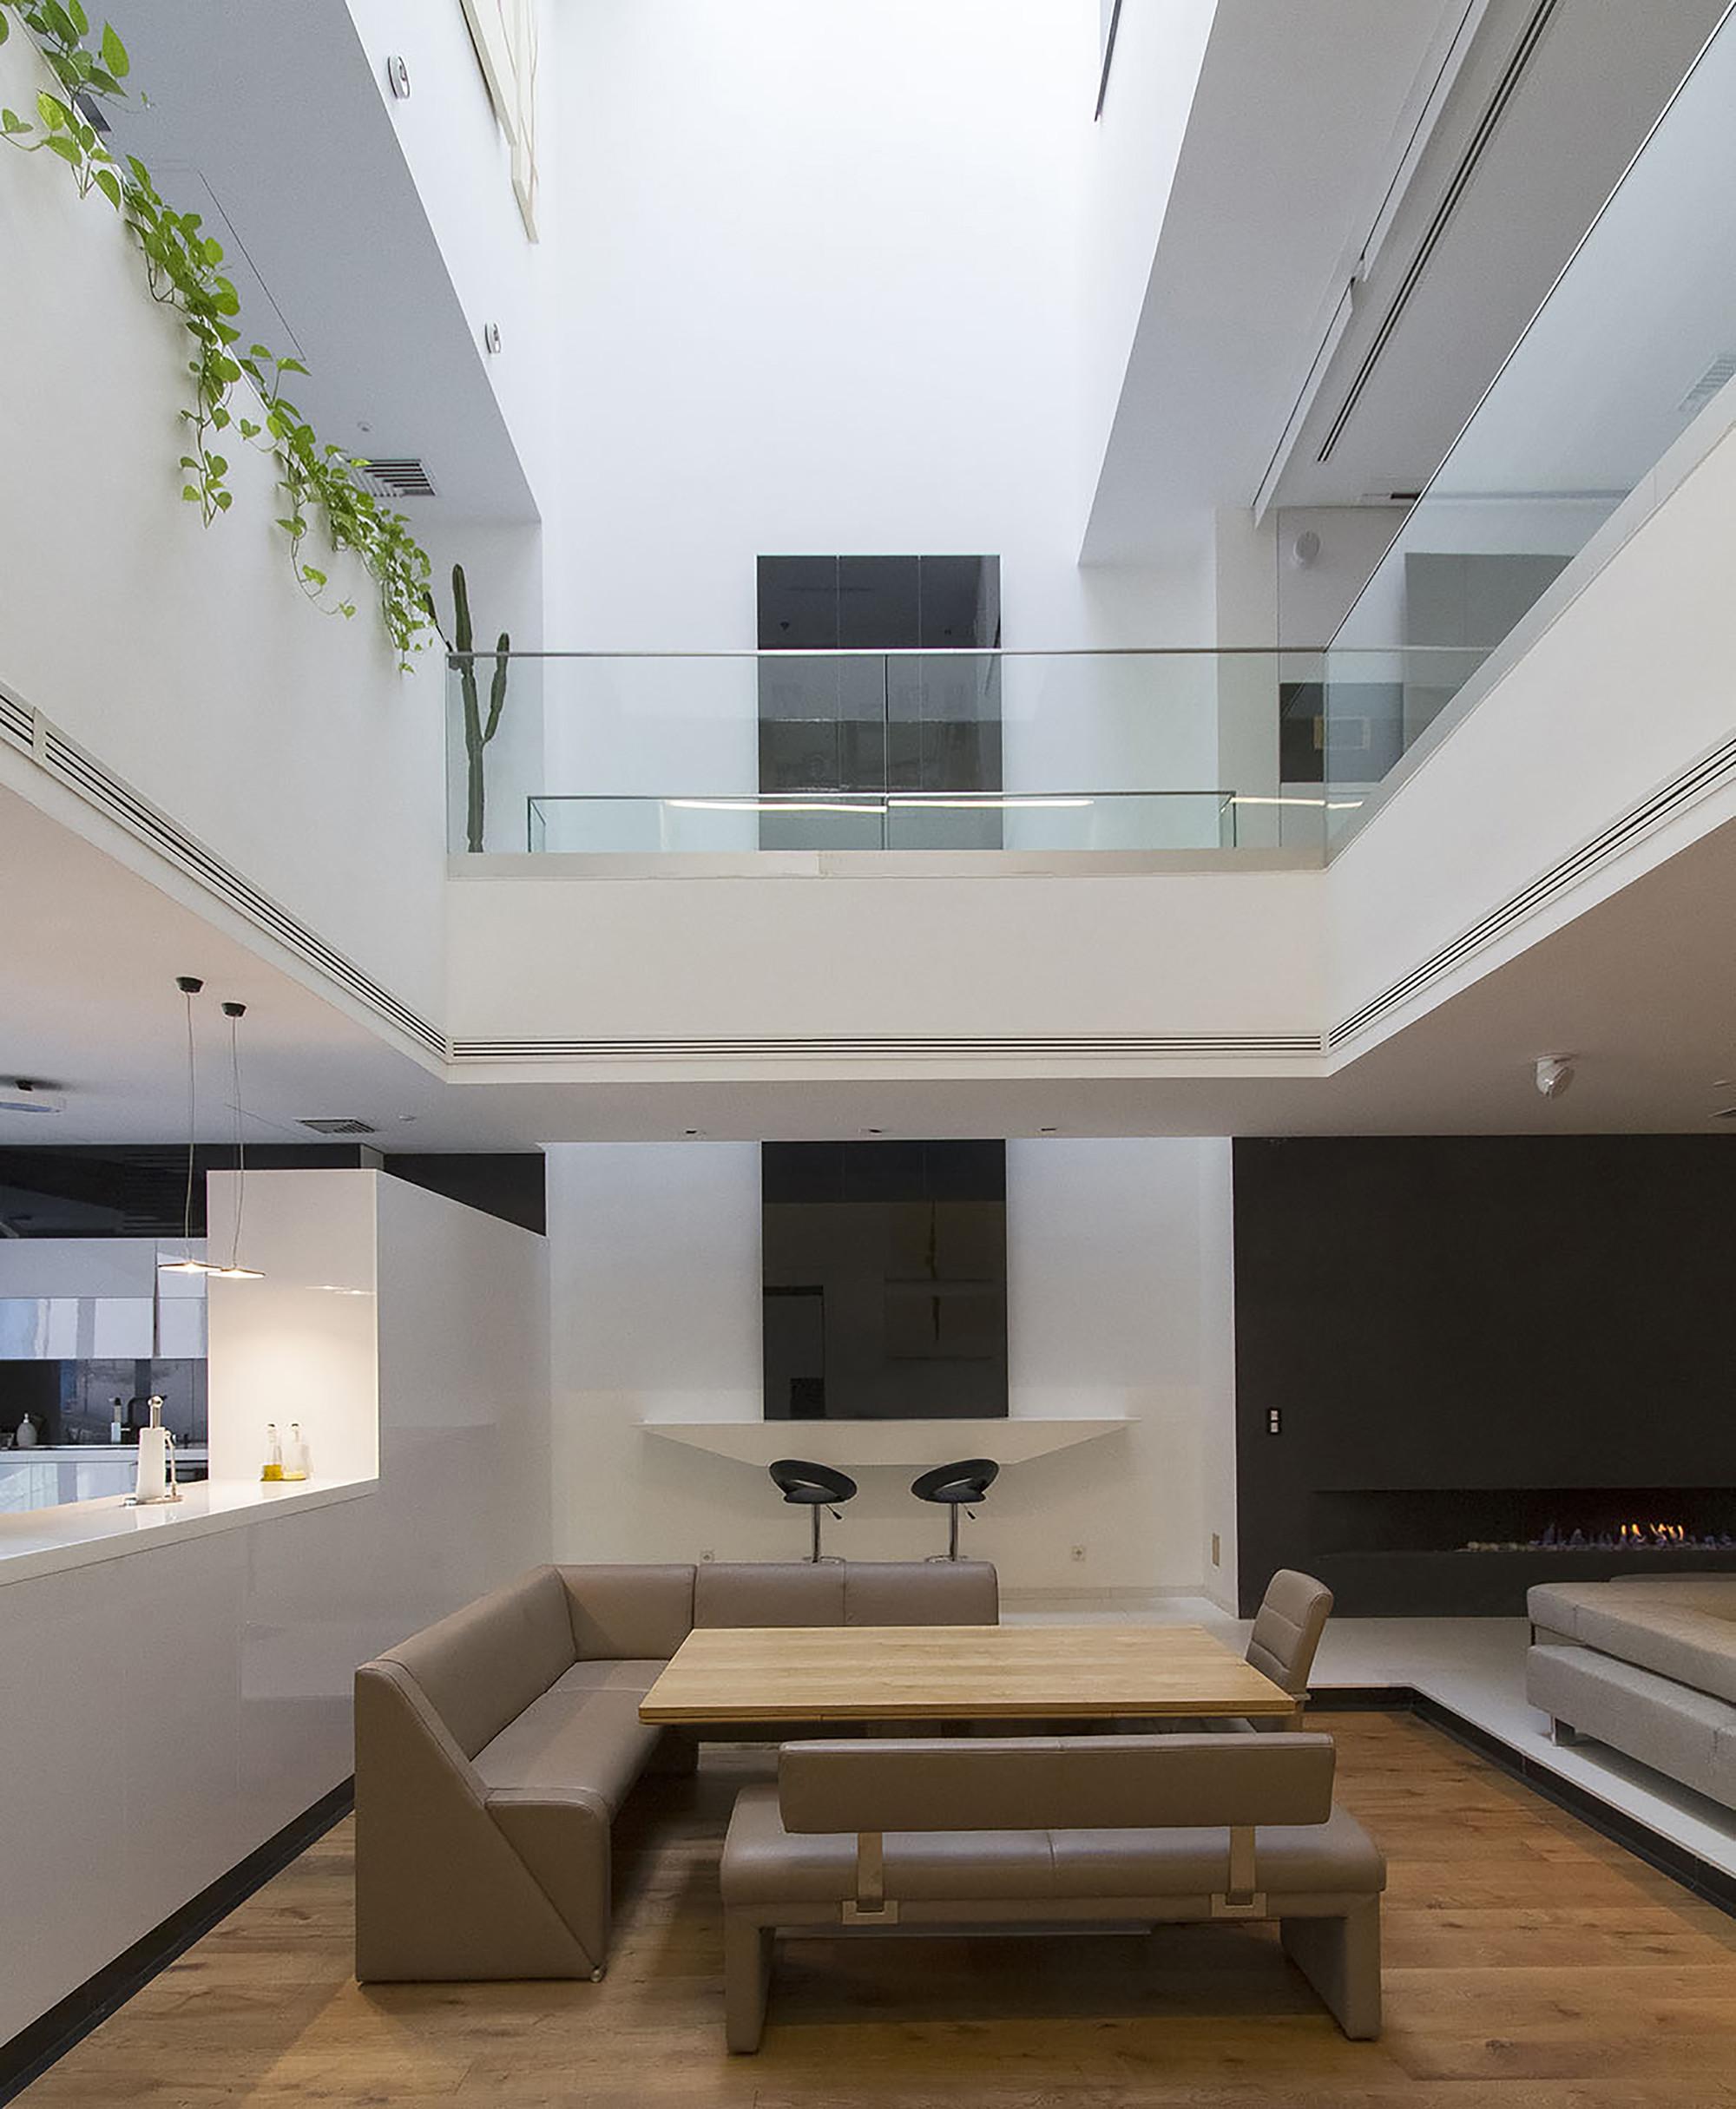 طراحی وید ساختمان مسکونی,نورگیر در ساختمان مسکونی